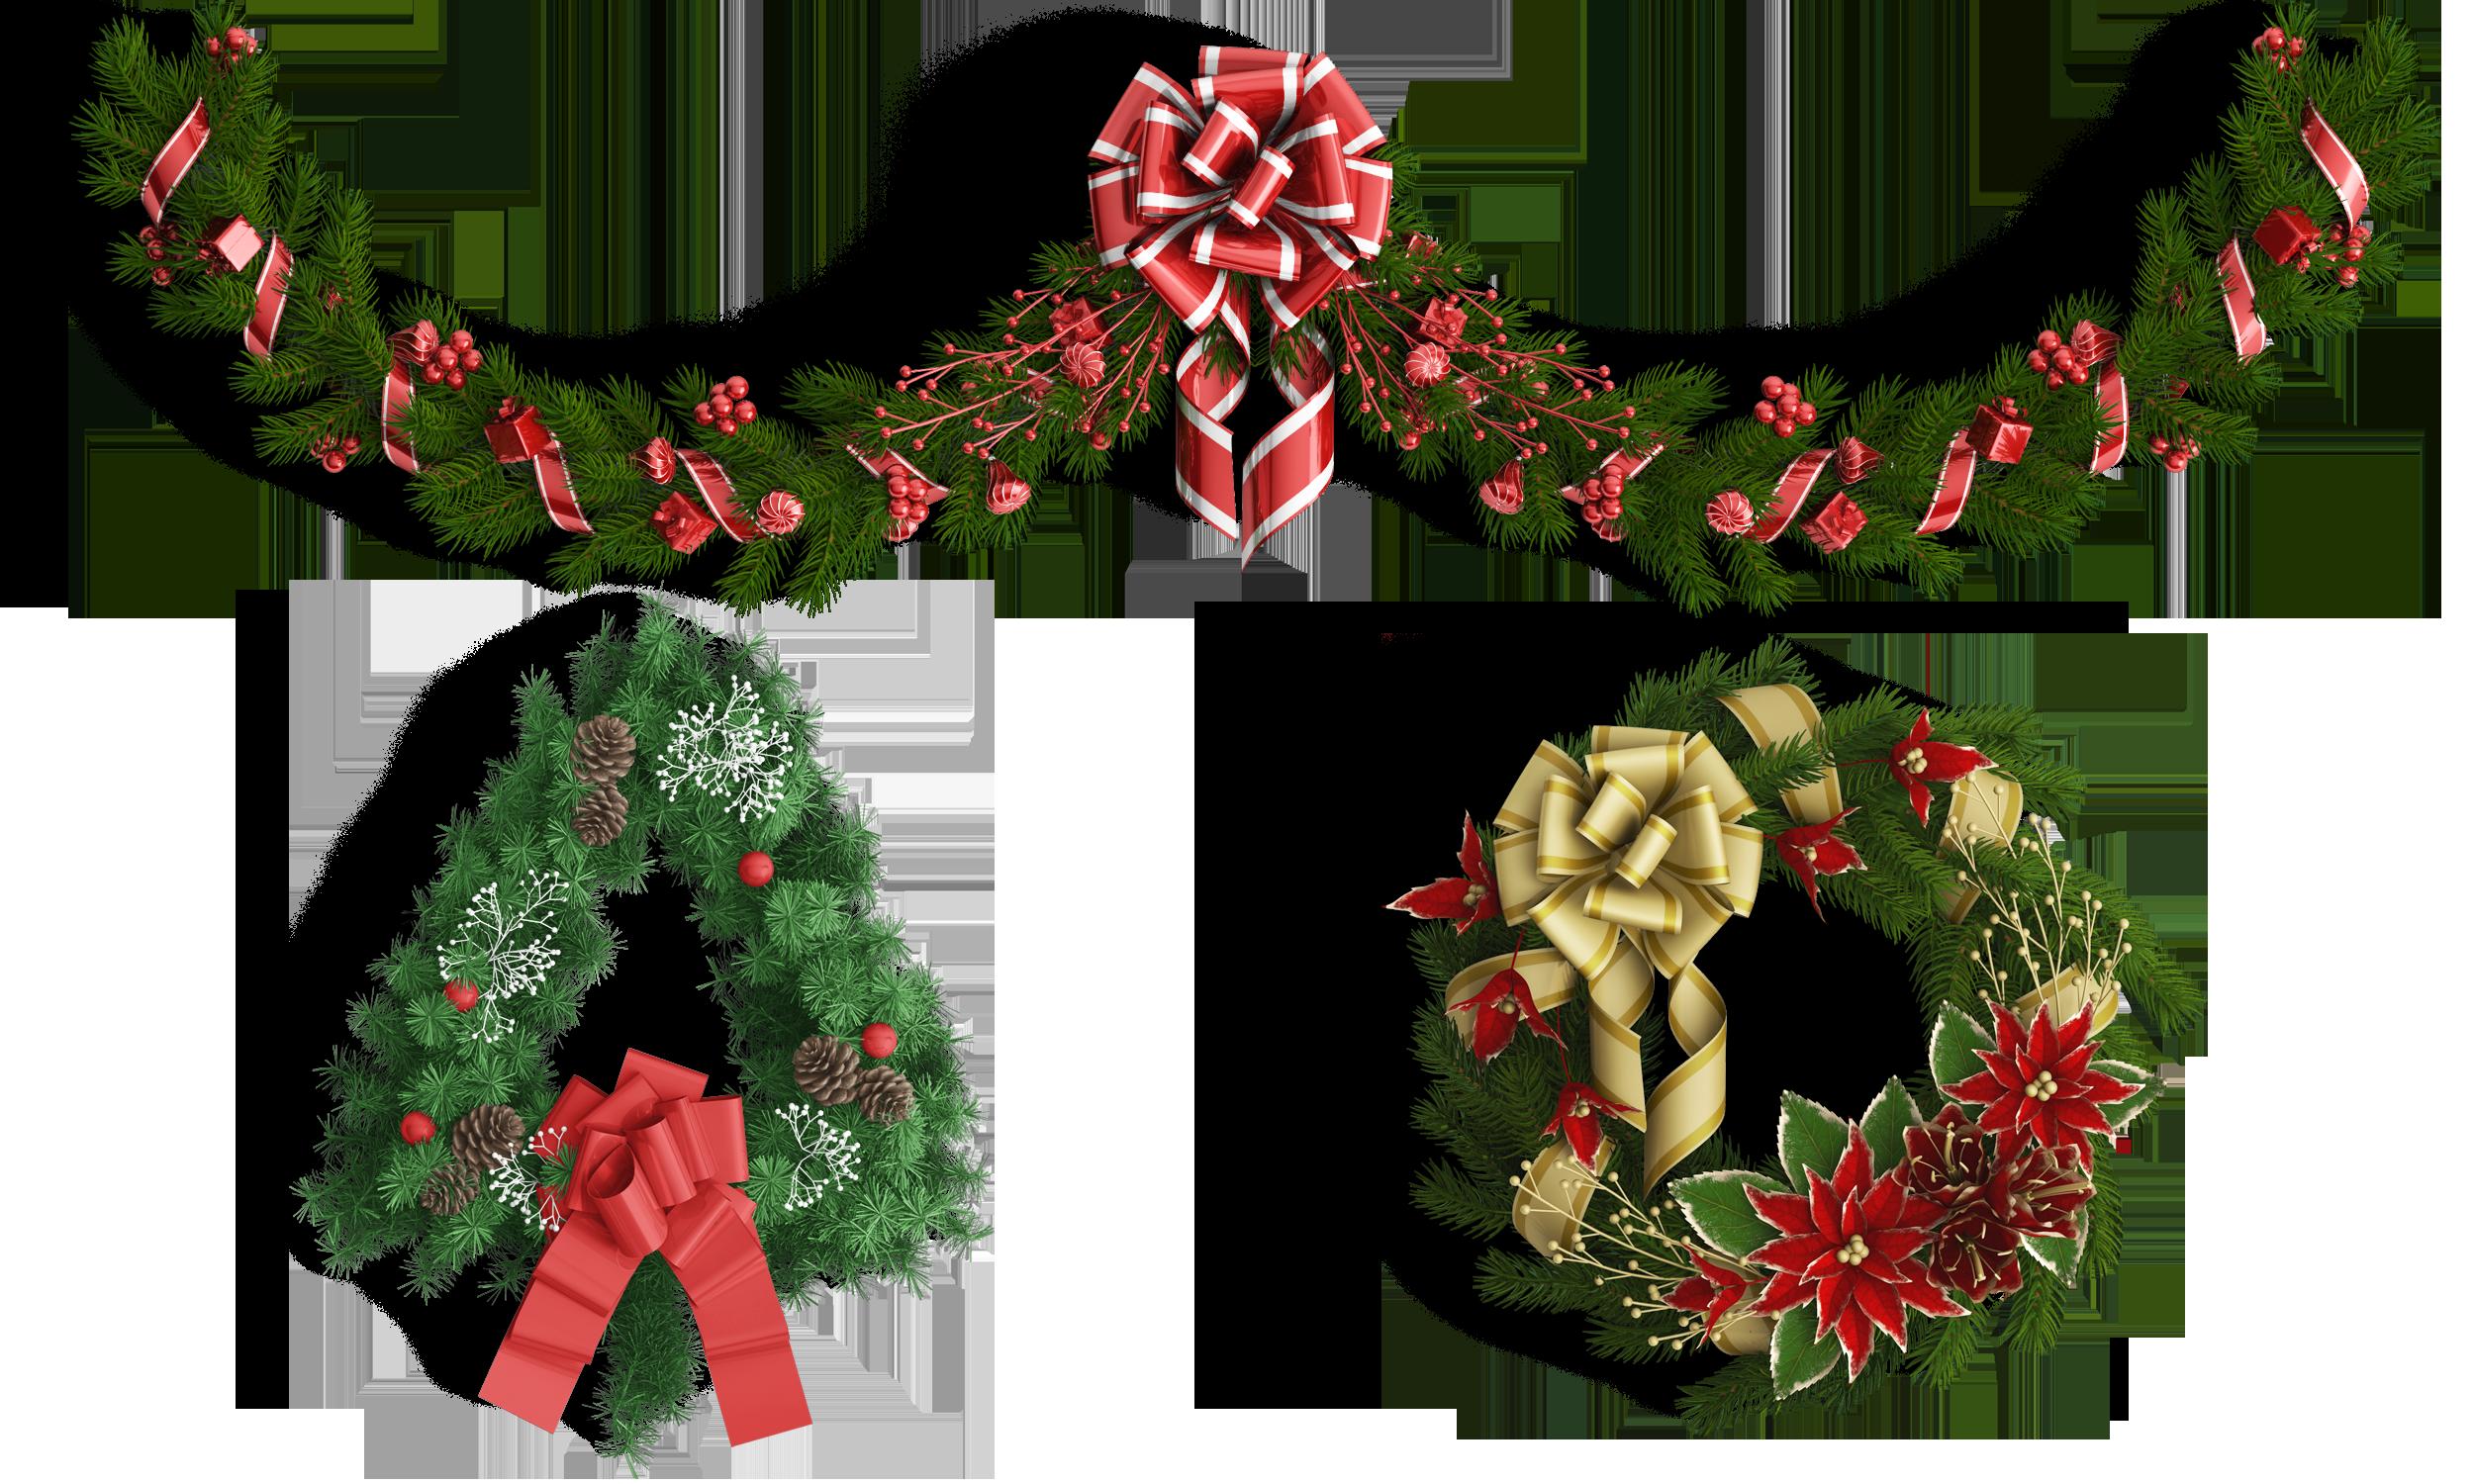 Christmas Decoration, Celebrate, Celebration, Christmas, Decoration, HQ Photo